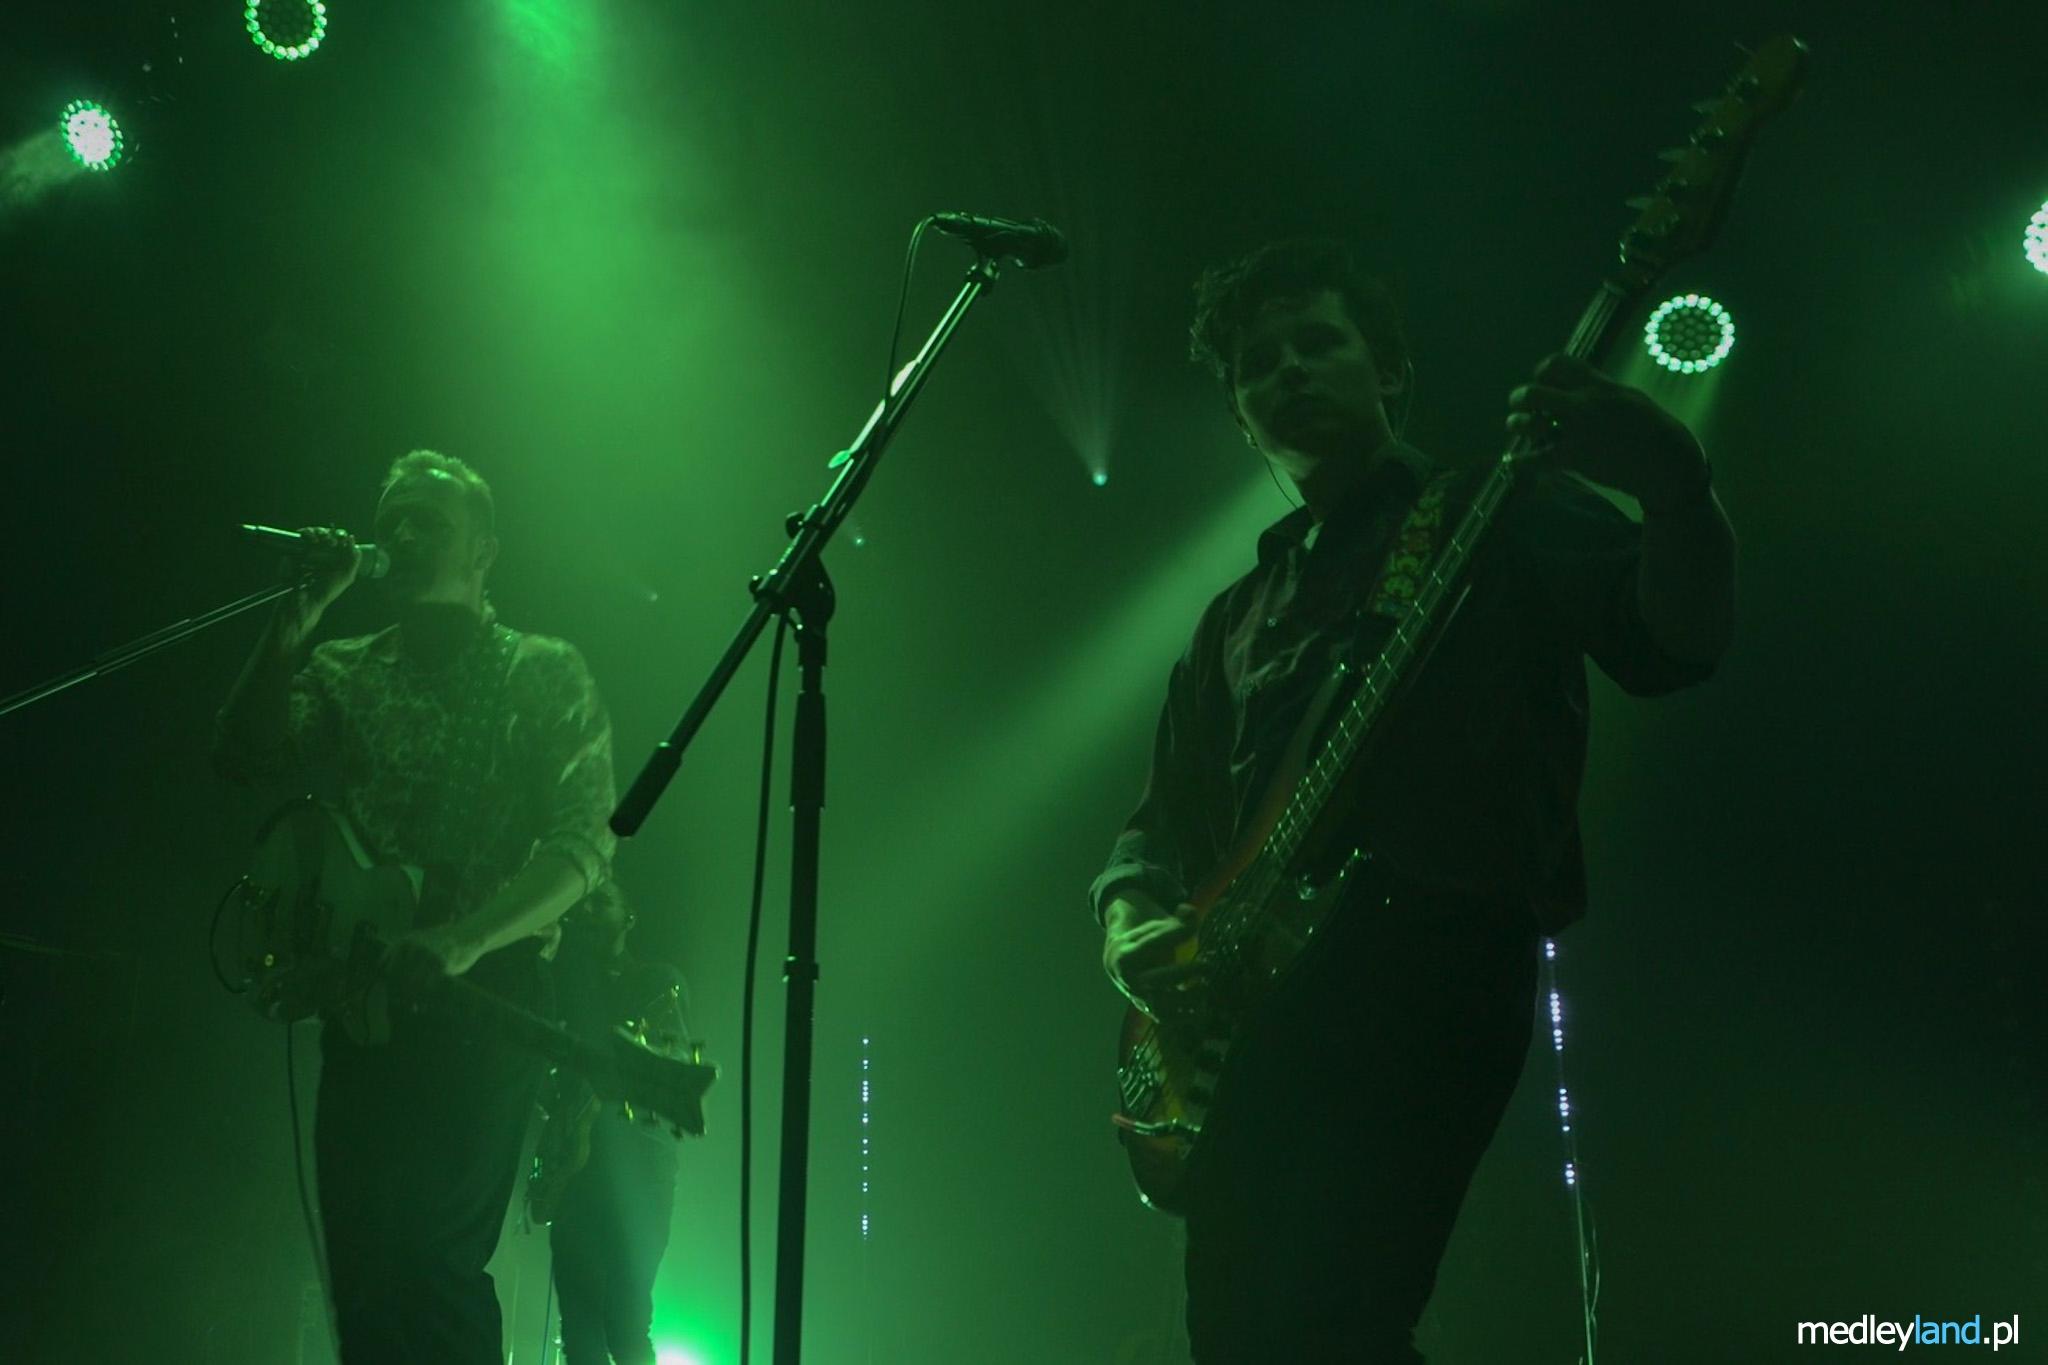 Duet Karaś/Rogucki zagrali Ostatni Bastion Romantyzmu w poznańskiej Tamie. Muzycy Comy i The Dumplings promują pierwszy wspólny album. Zdjęcia z 27 lutego 2020.